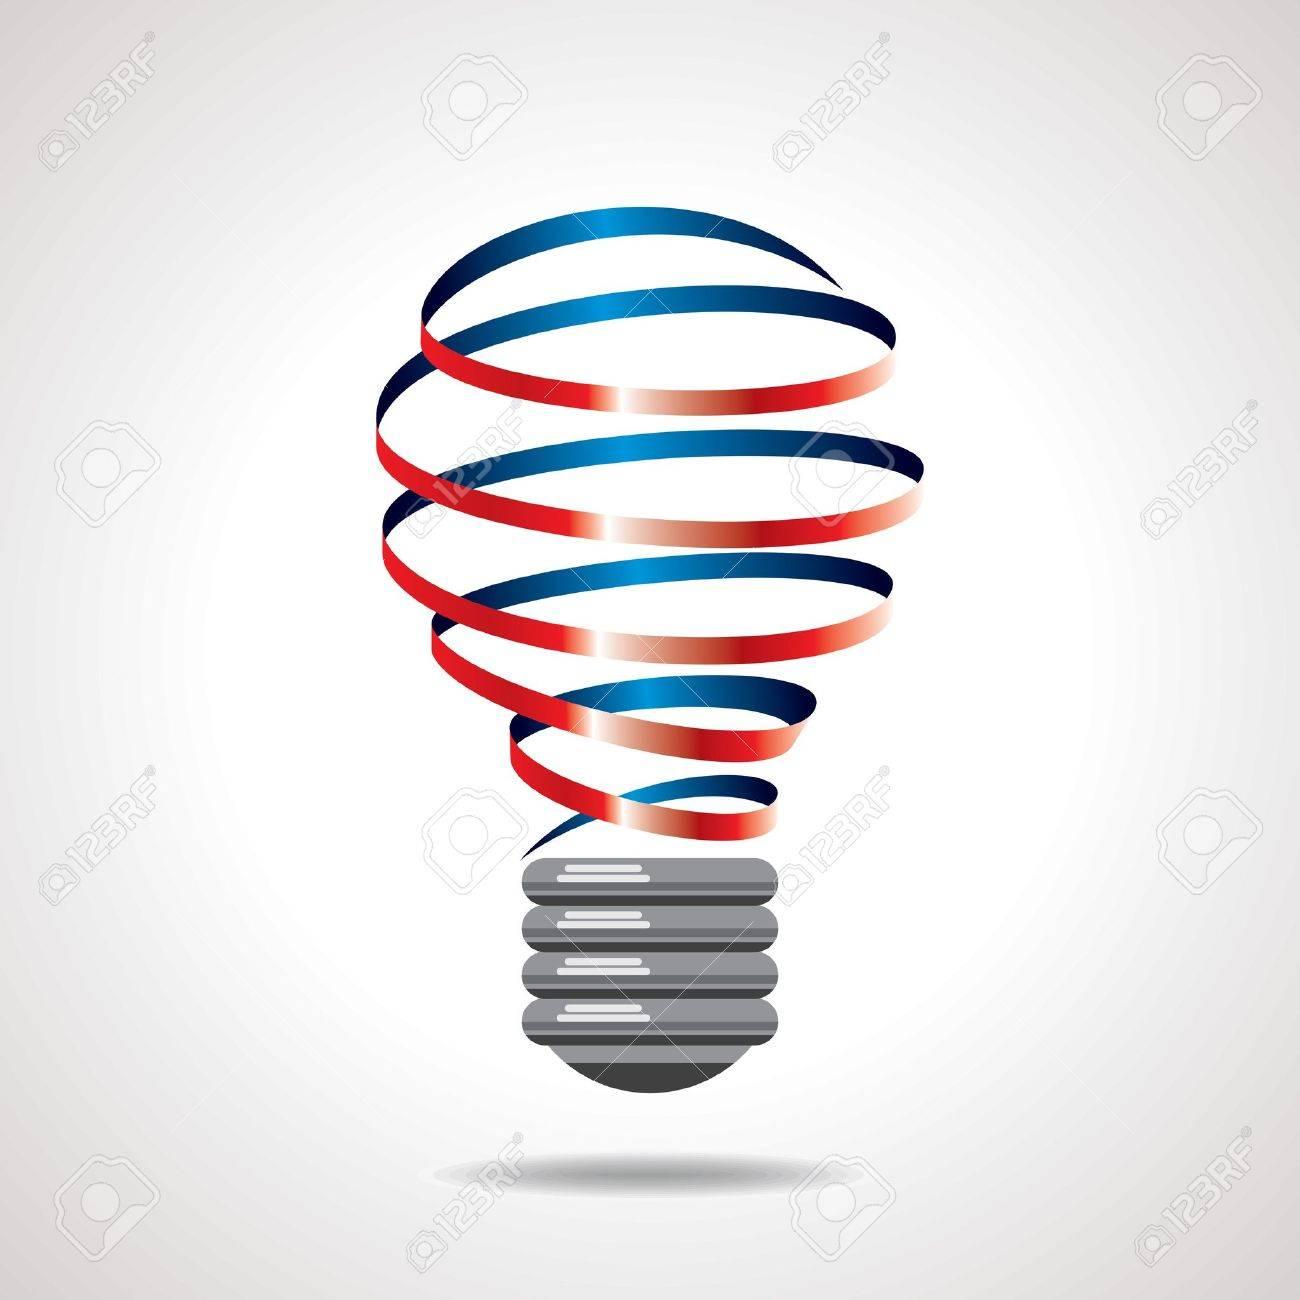 light bulb idea vector - 15606914